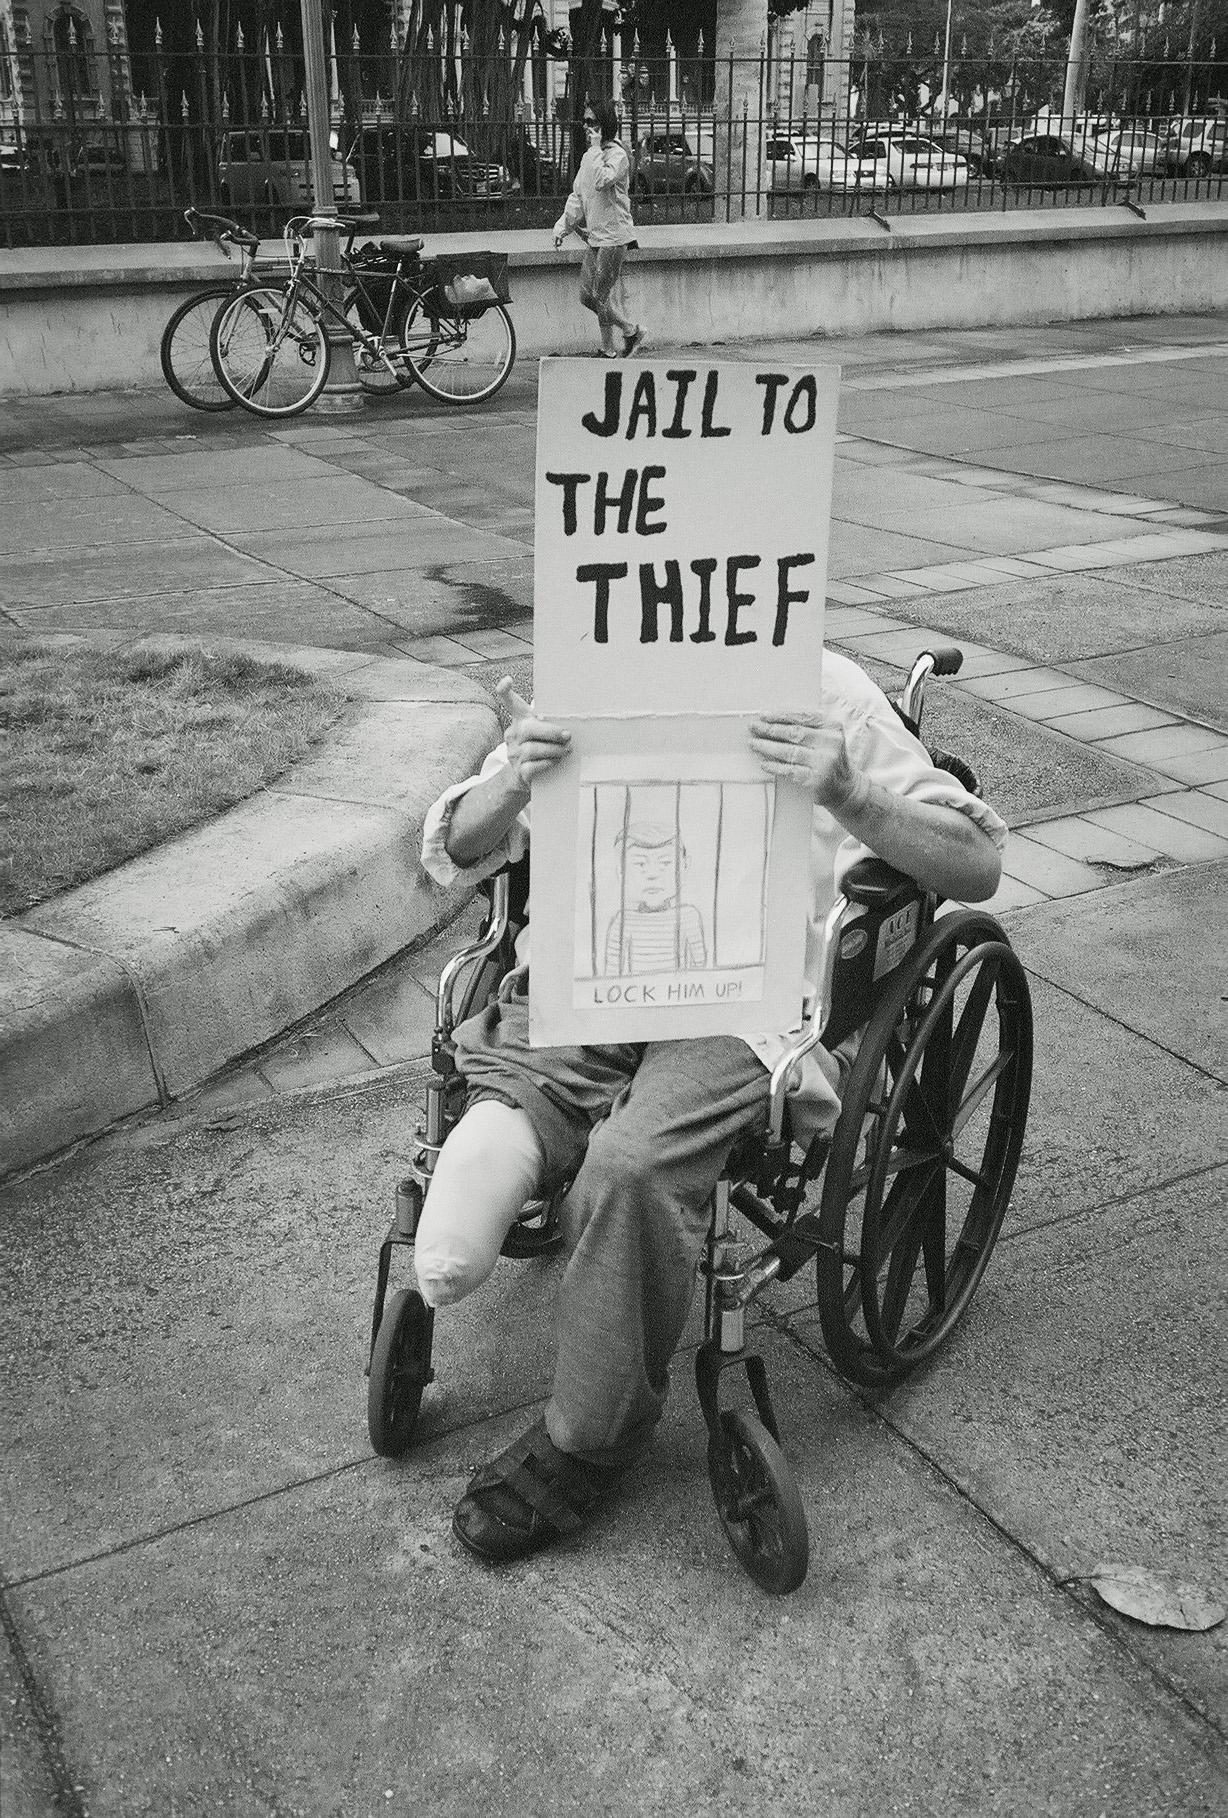 jail to the thief.JPG